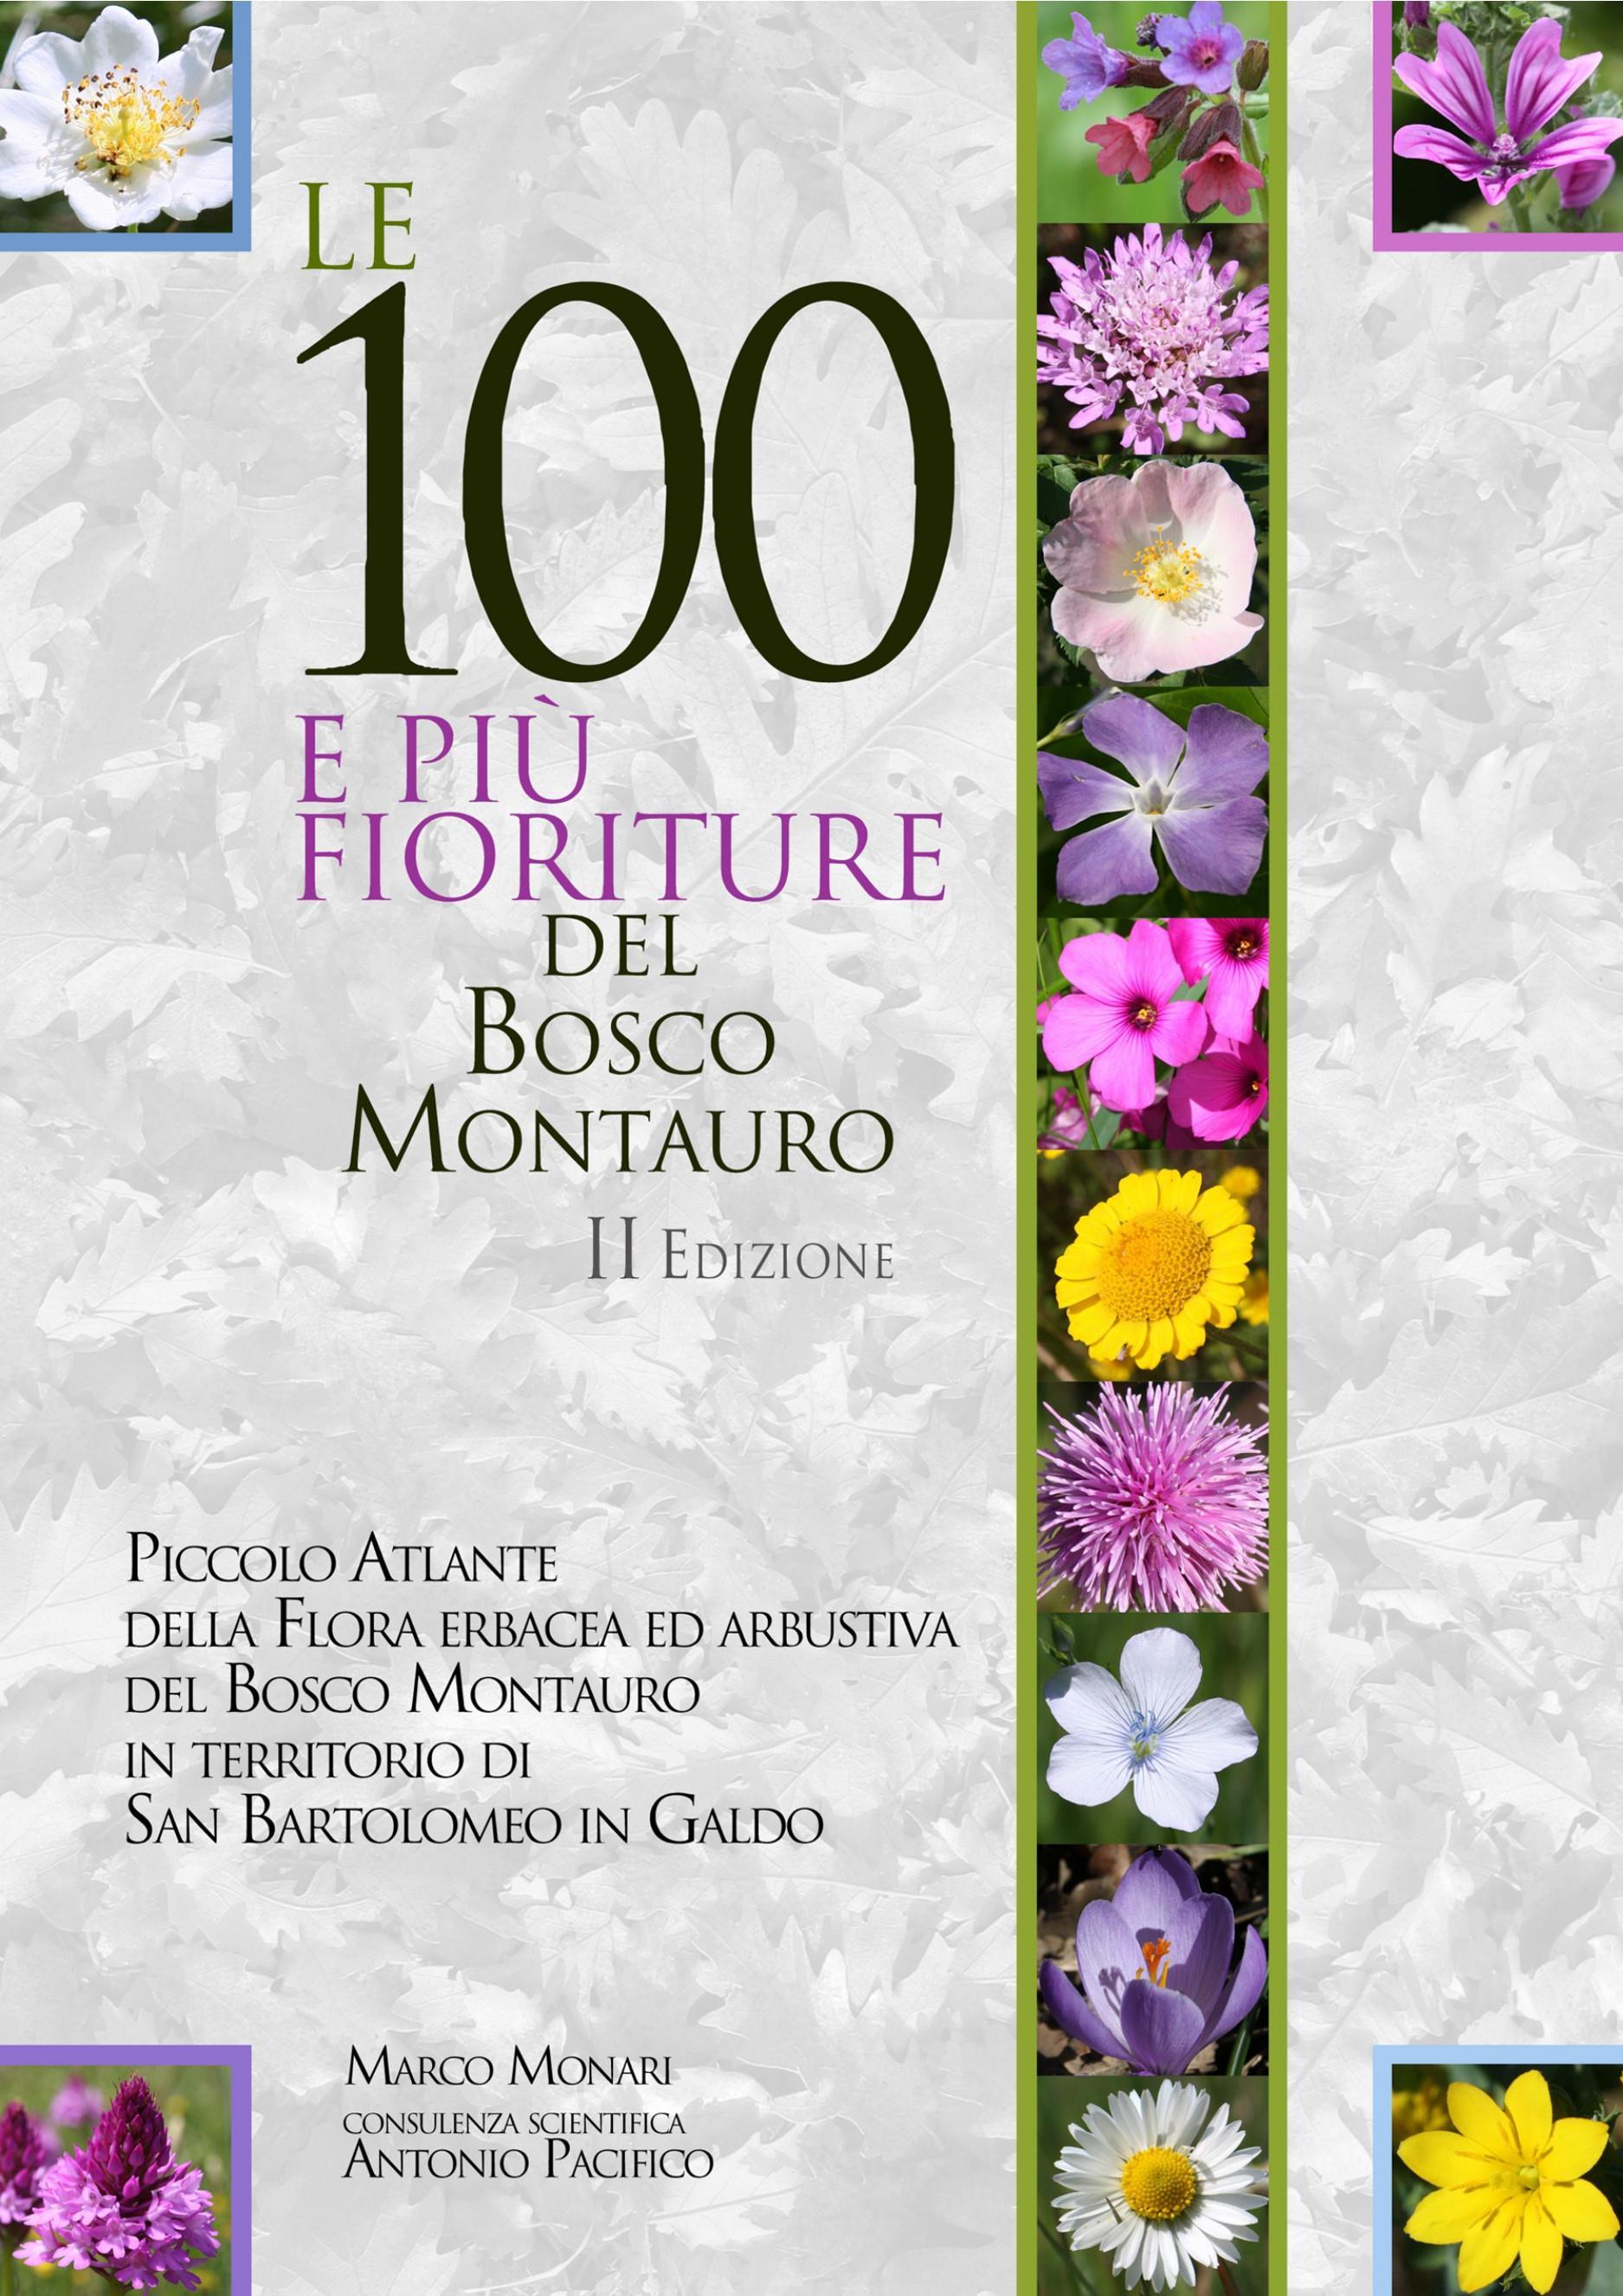 Le 100 e più fioriture del Bosco Montauro - II Edizione